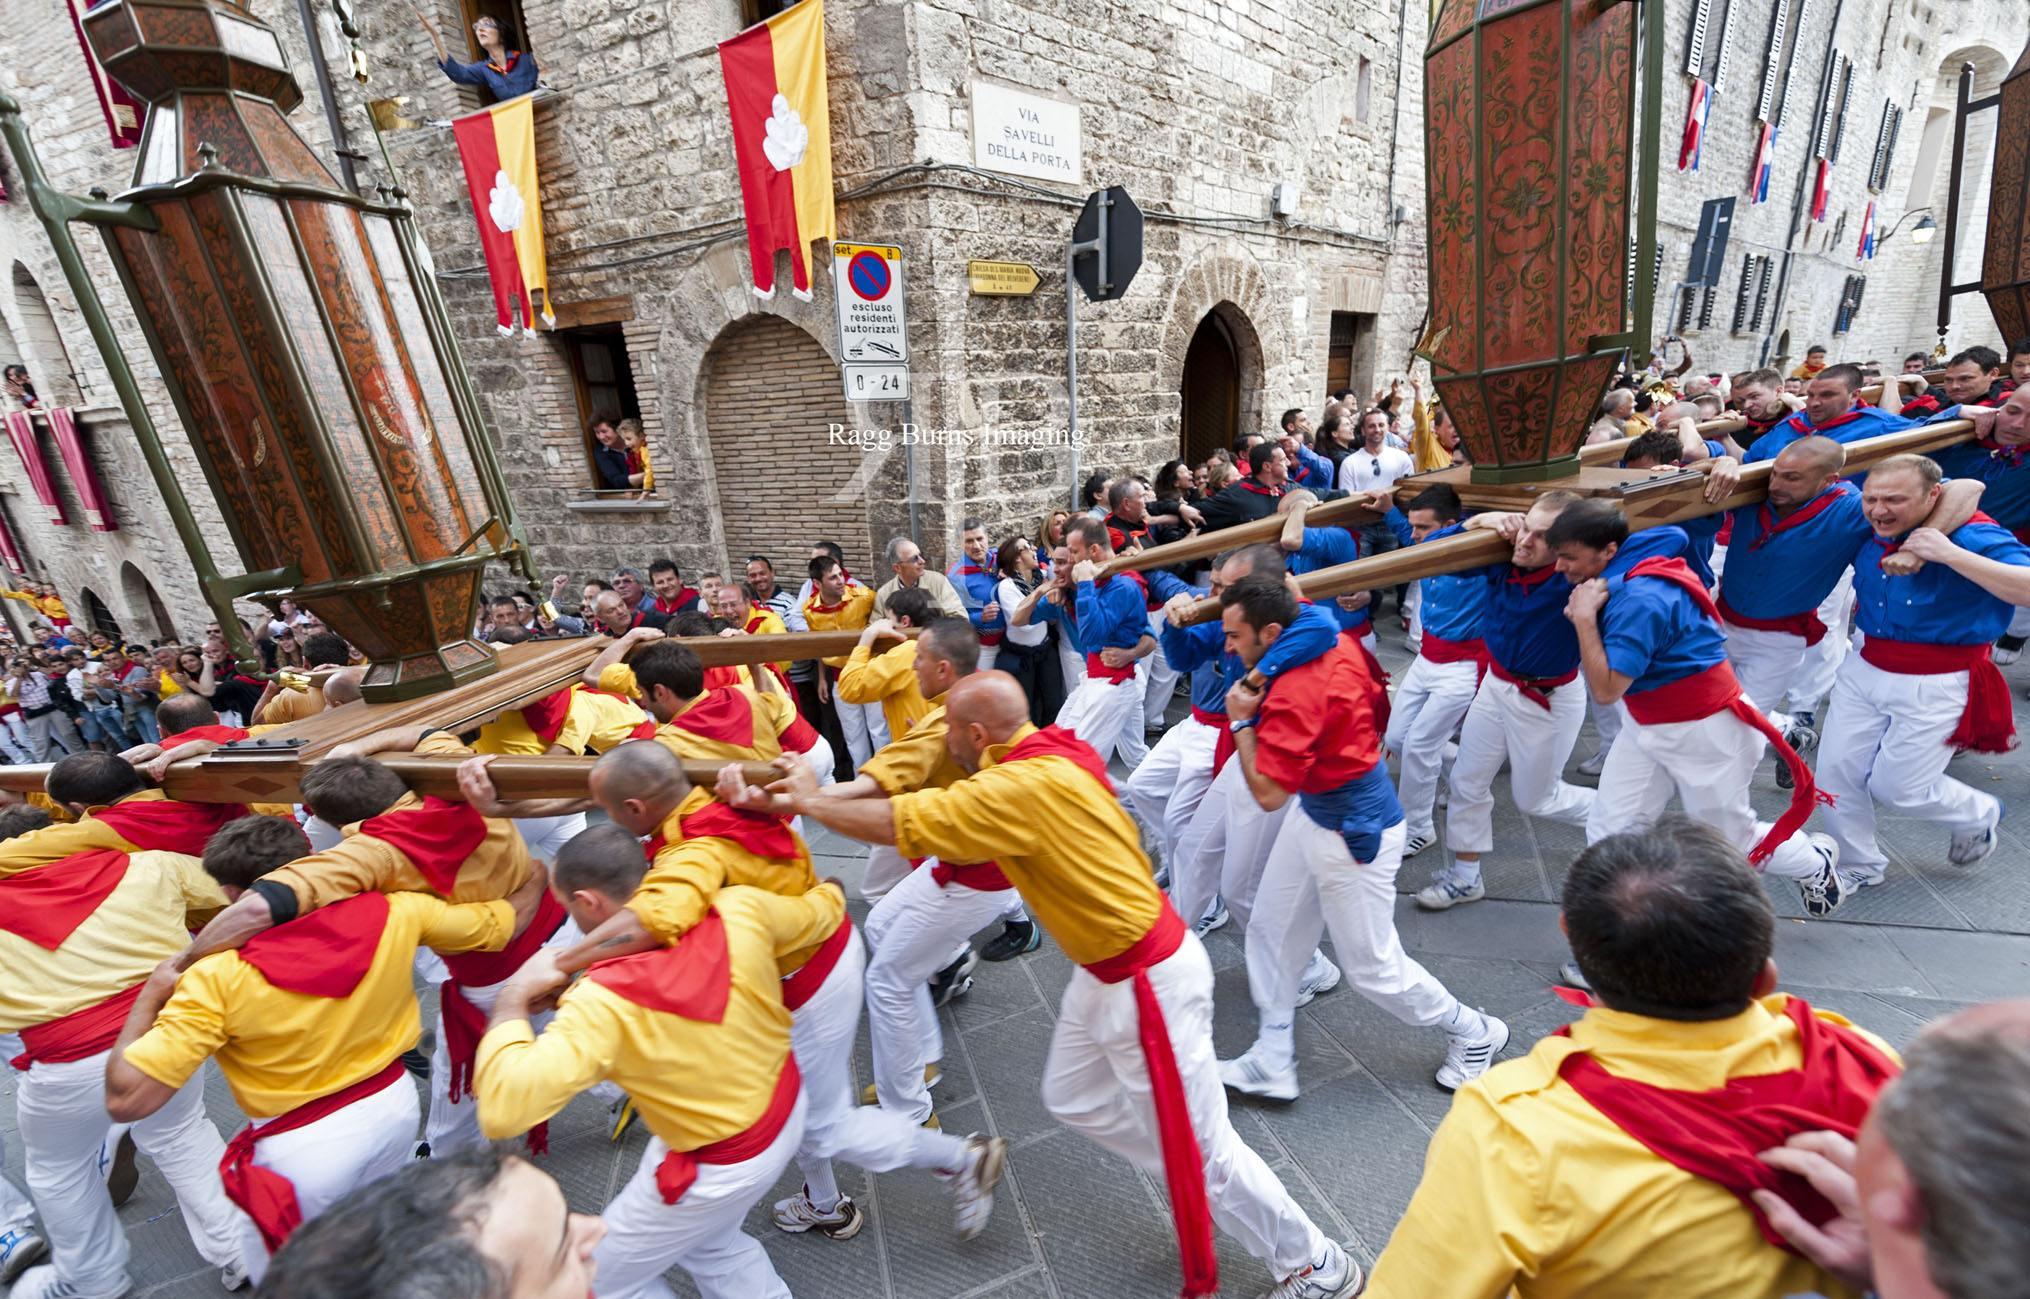 Ceri Di Gubbio Yellow and Blue at the Corner